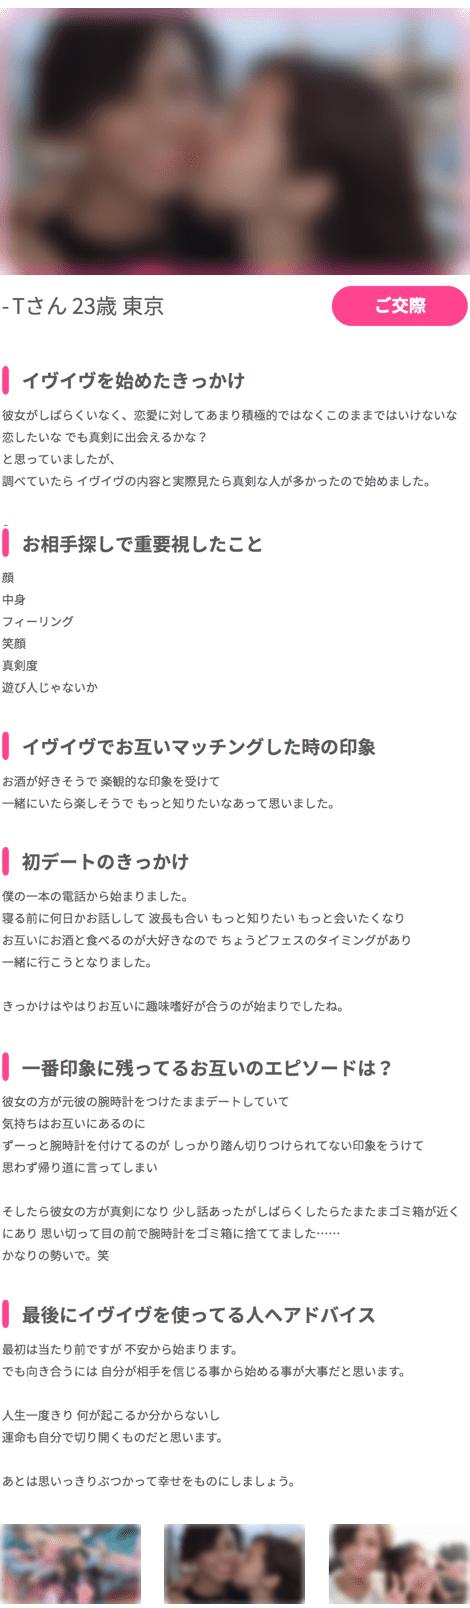 マッチングアプリ恋愛17